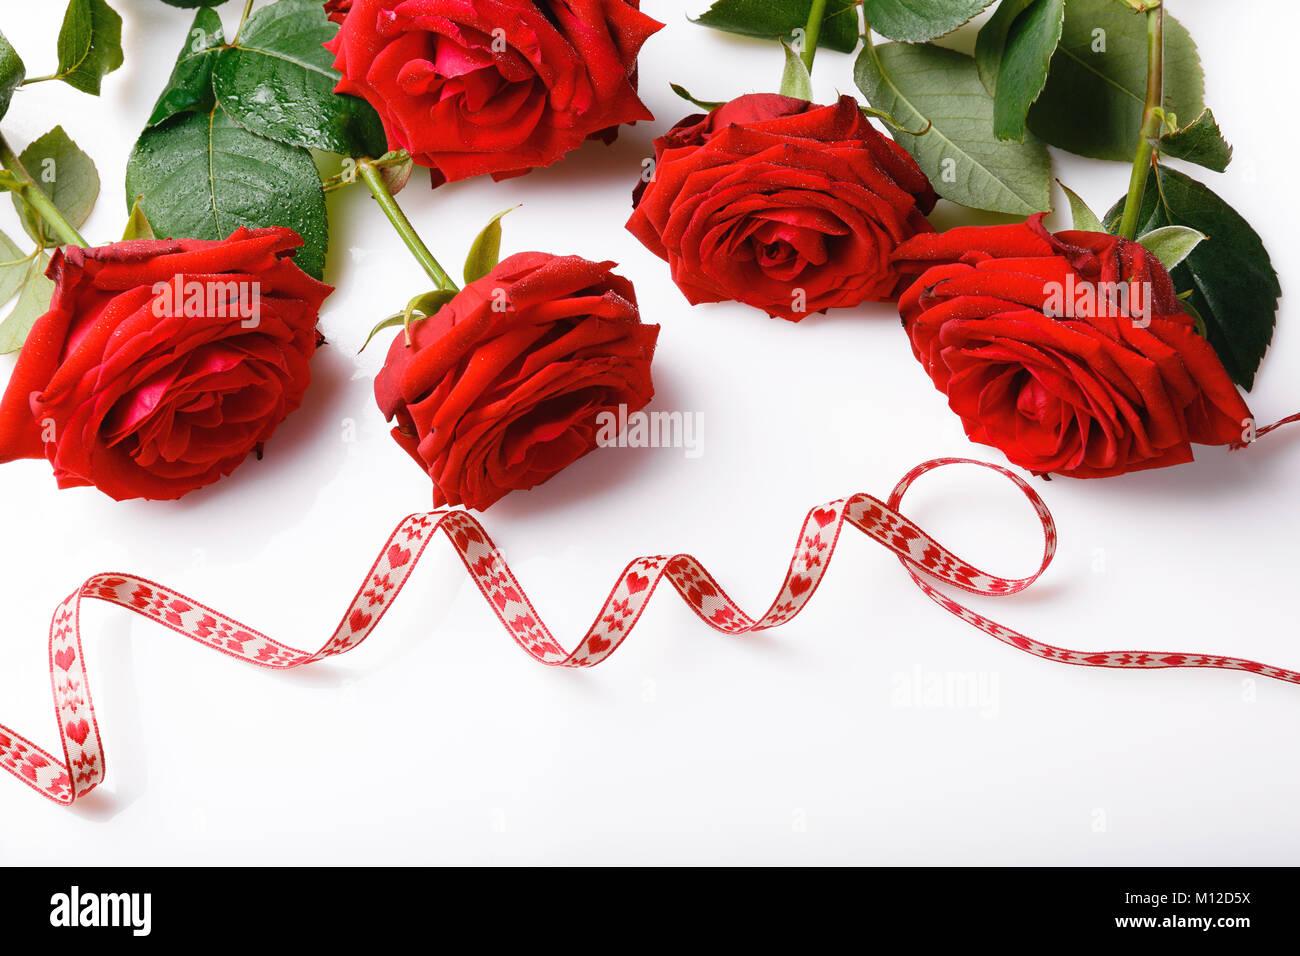 Hermoso Arreglo De Rosas Rojas Y Cintas Para El Día De San